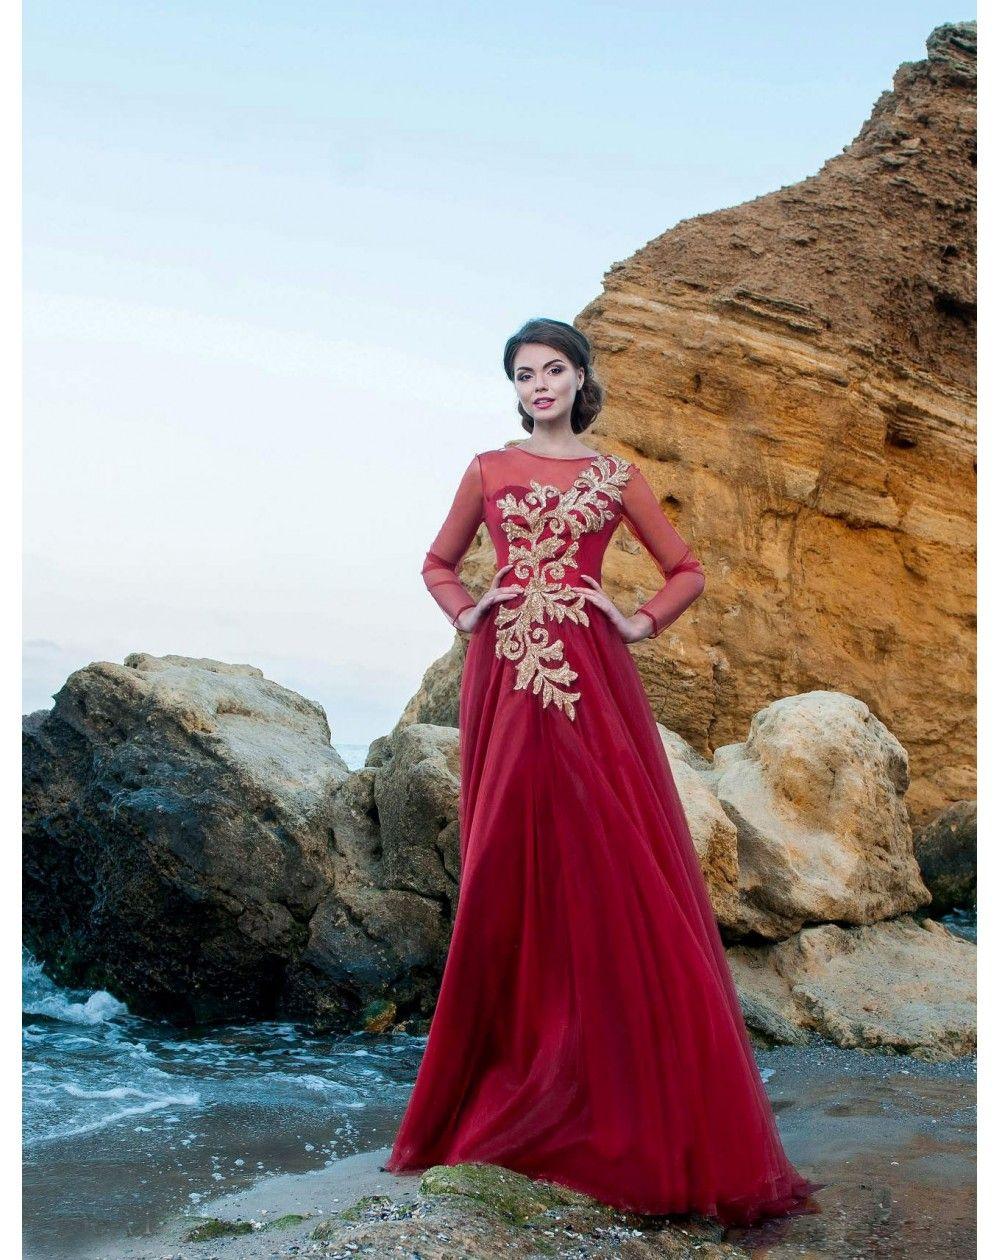 ceadec2a4cf6 Romantické šaty pre modernú princeznú s veľkou nadýchanou tylovou sukňou.  Živôtik zdobí zlatá aplikácia